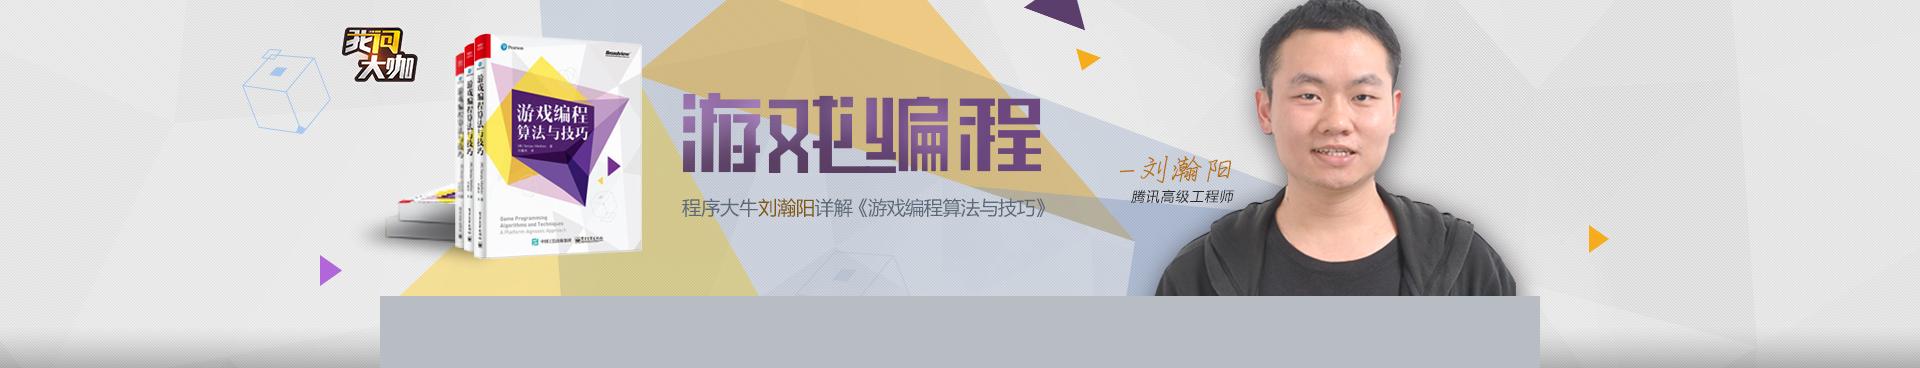 问答第10期:刘瀚阳和他的译著《游戏编程算法与技巧》